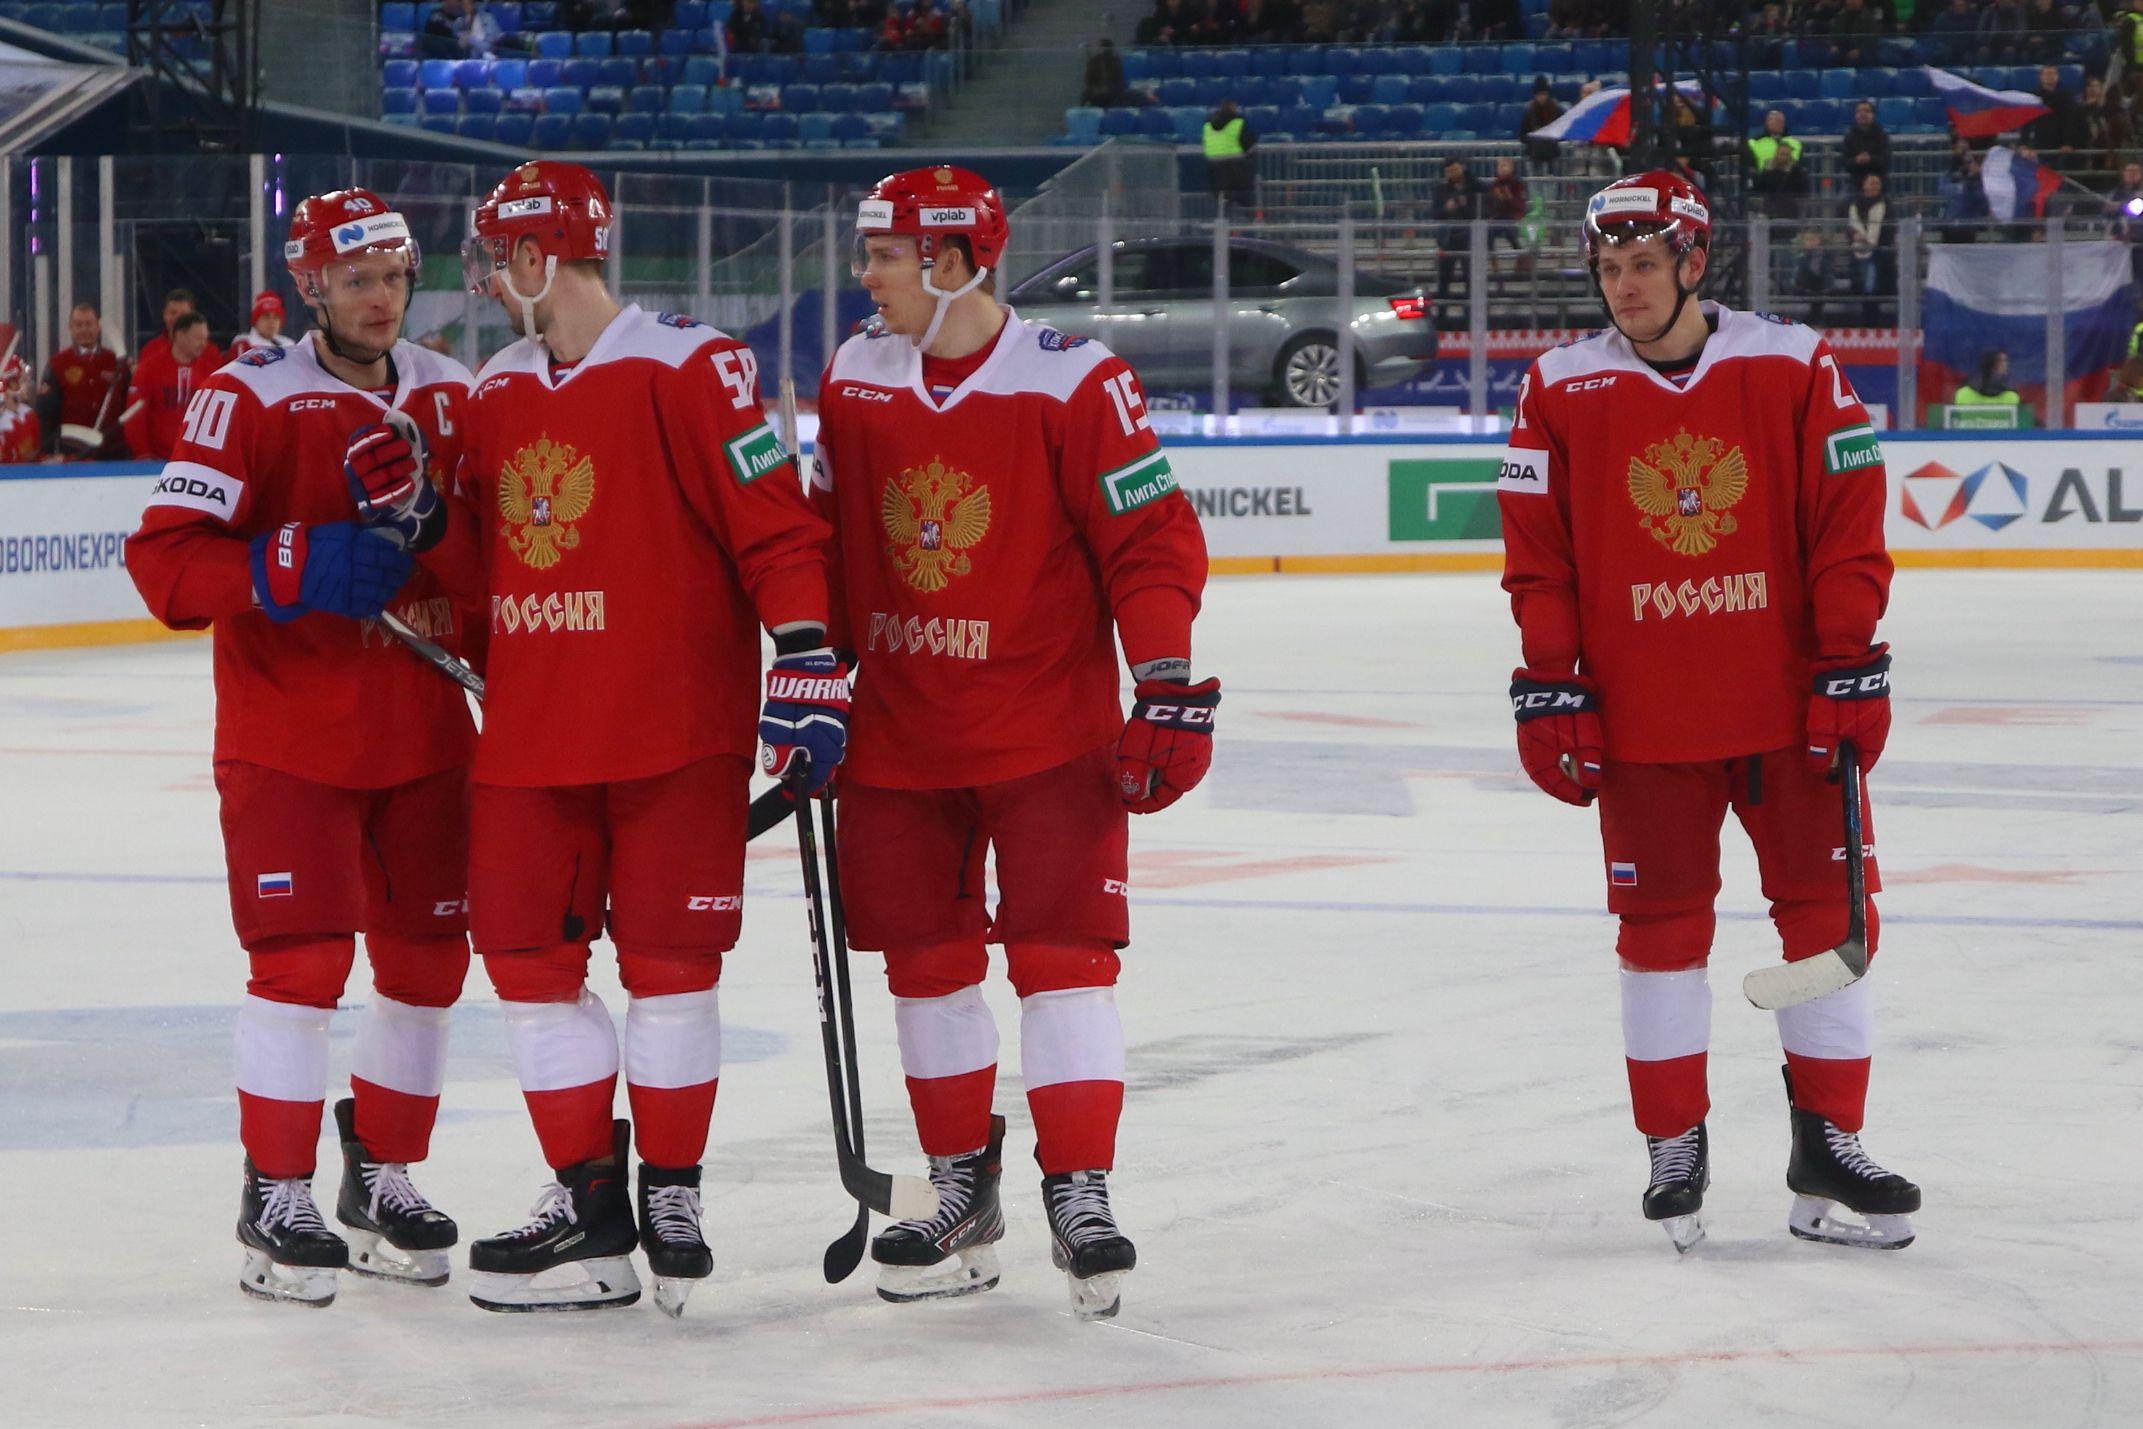 Сборный России и Белоруссии сыграют 23 апреля в Москве